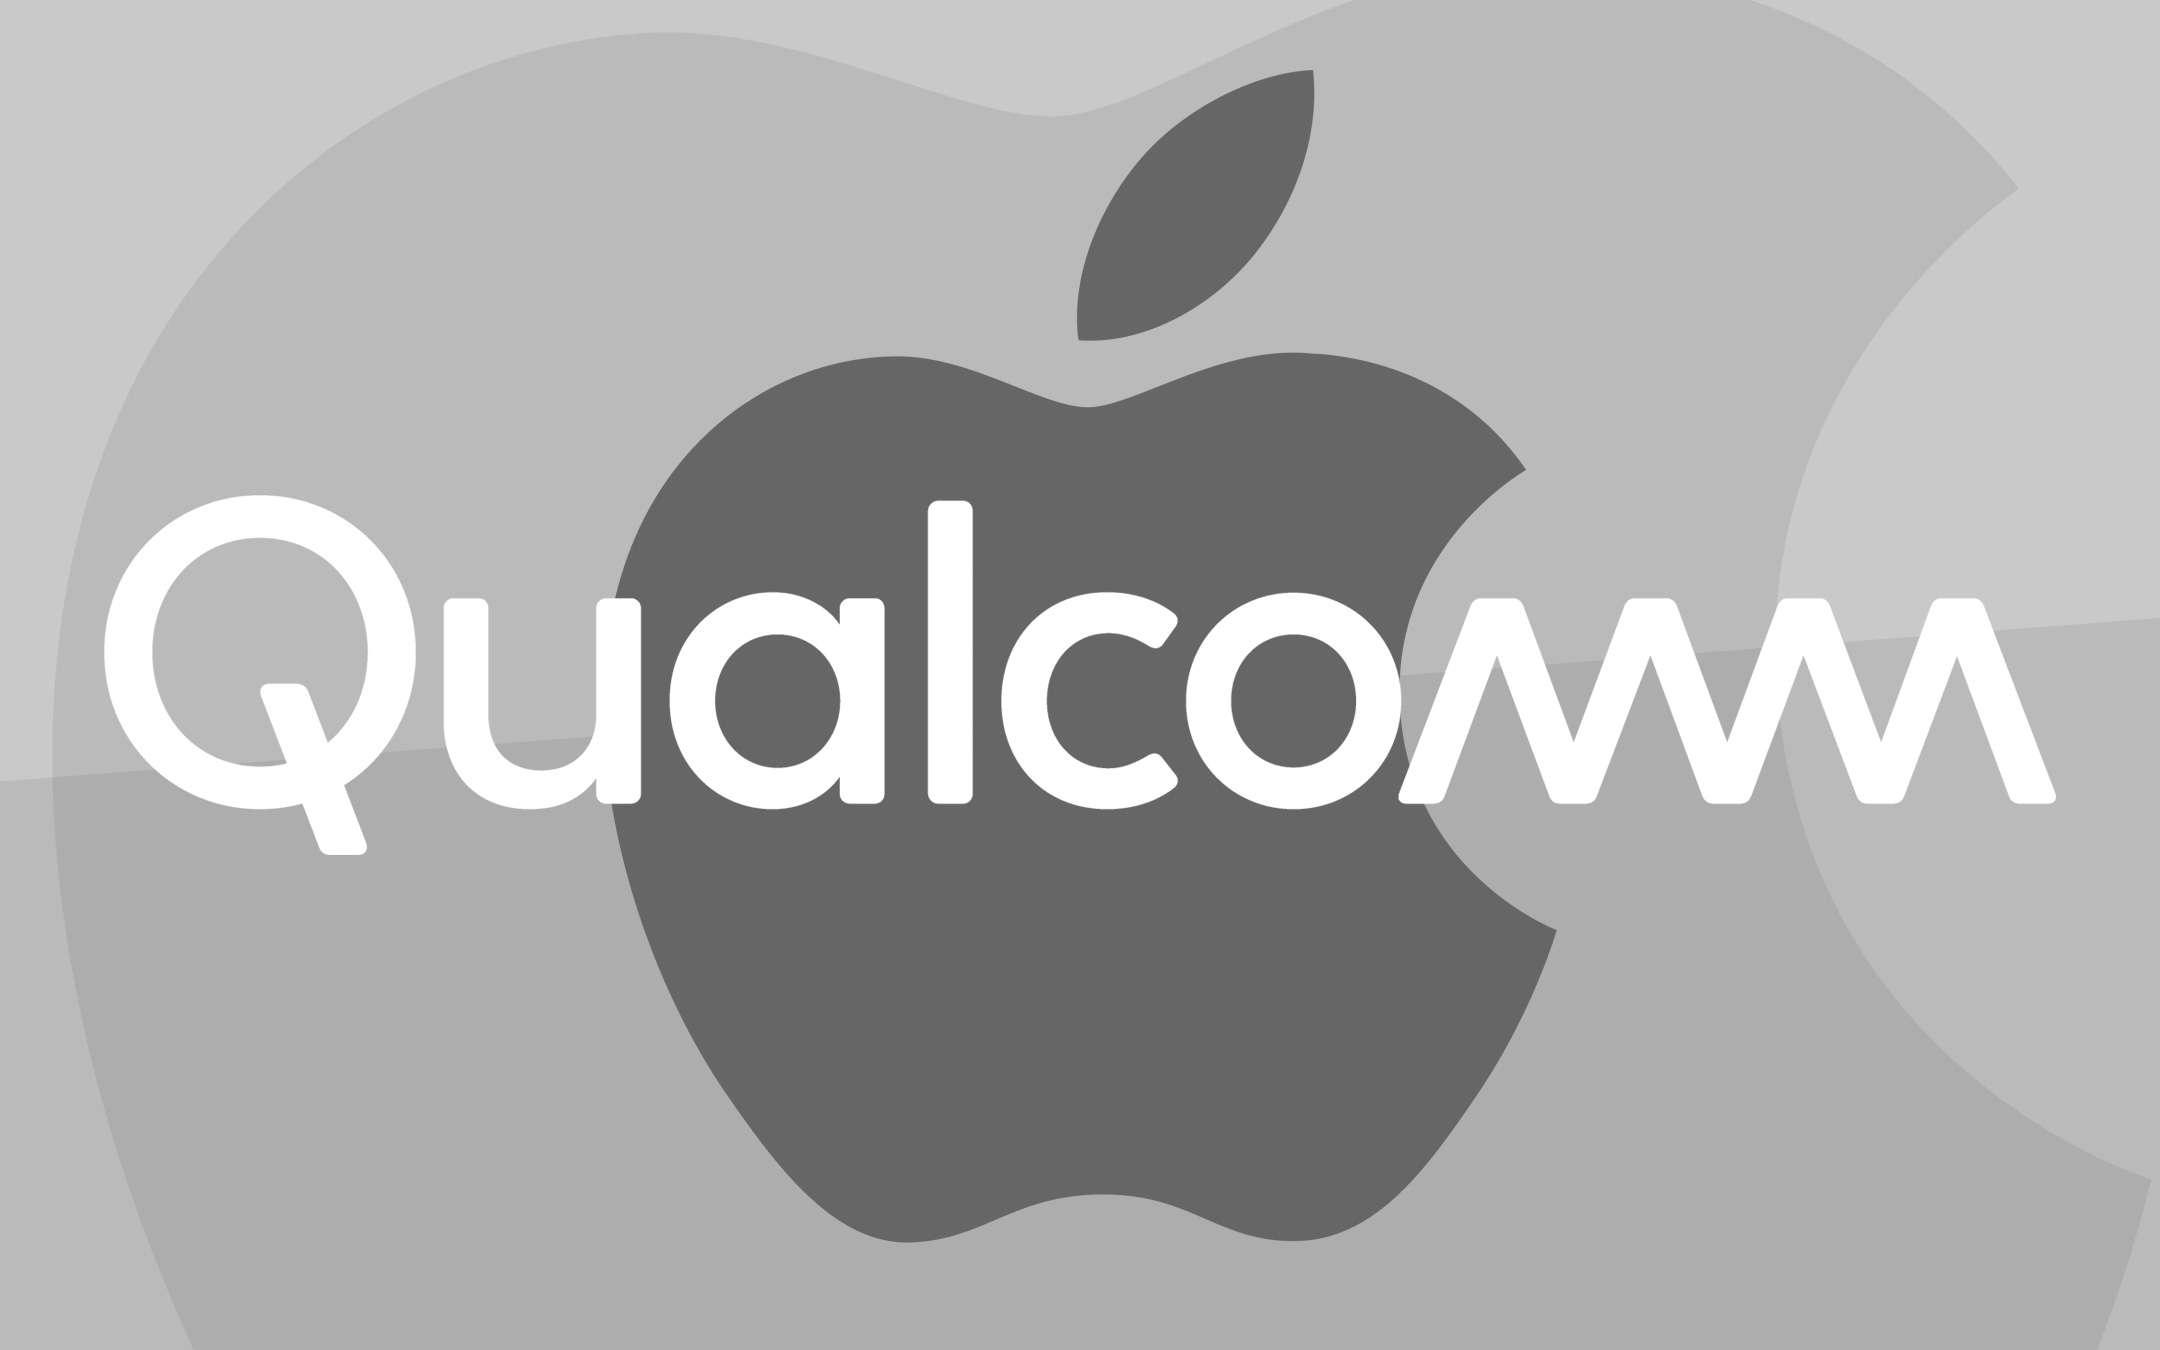 Qualcomm-Apple